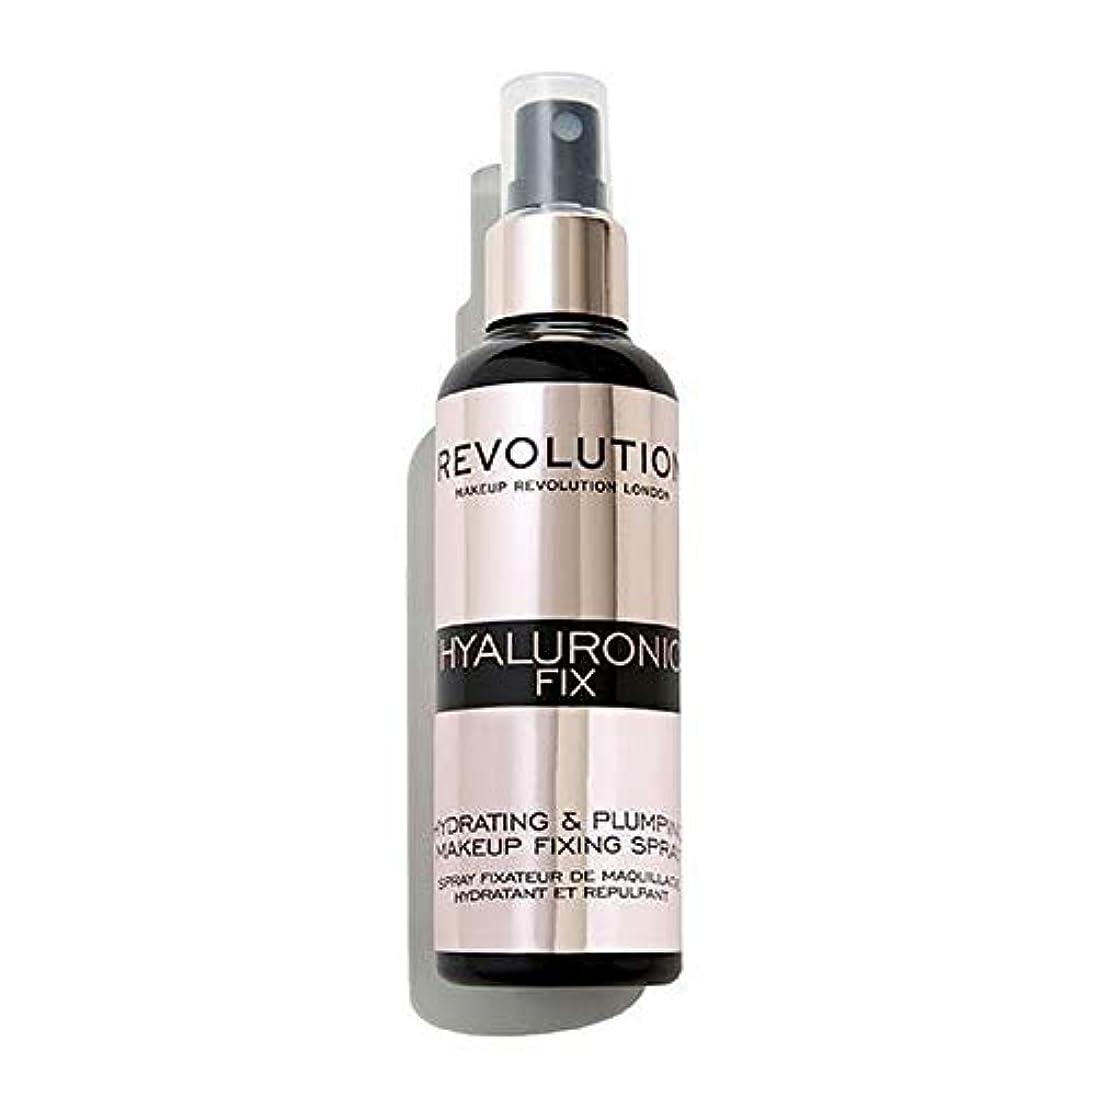 放棄するしばしばエリート[Revolution ] 化粧革命ヒアルロン固定スプレー - Makeup Revolution Hyaluronic Fixing Spray [並行輸入品]